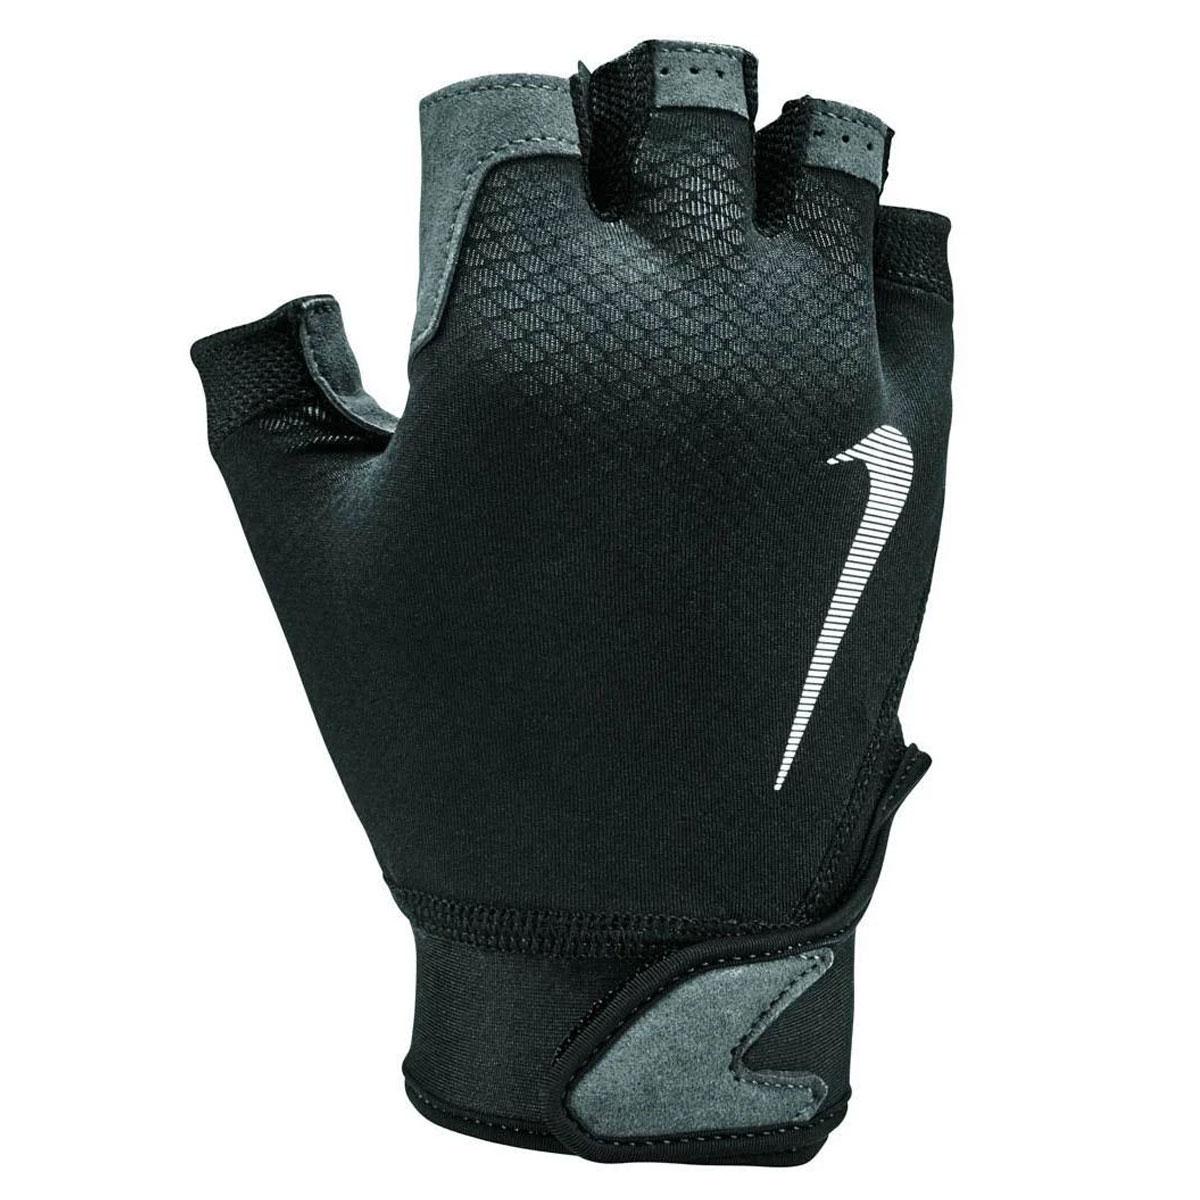 183ed2bdda7 Nike Ultimate Fitness Handschoenen ZWART online kopen bij Sportpaleis.